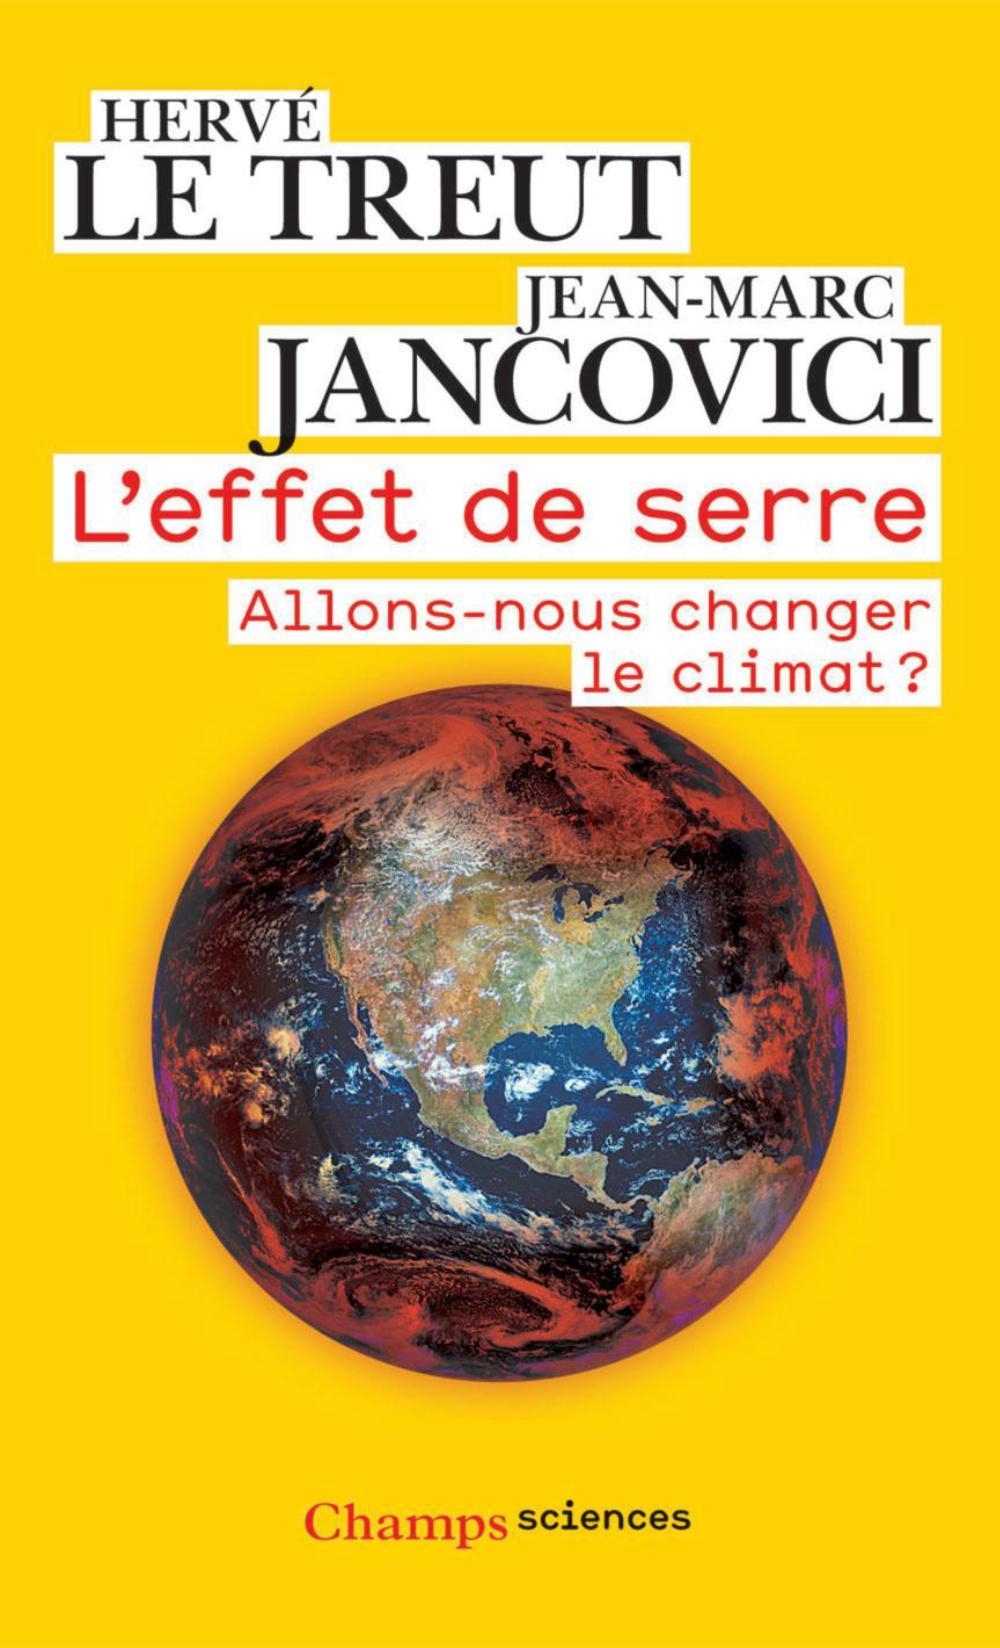 L'effet de serre. Allons-nous changer le climat ?